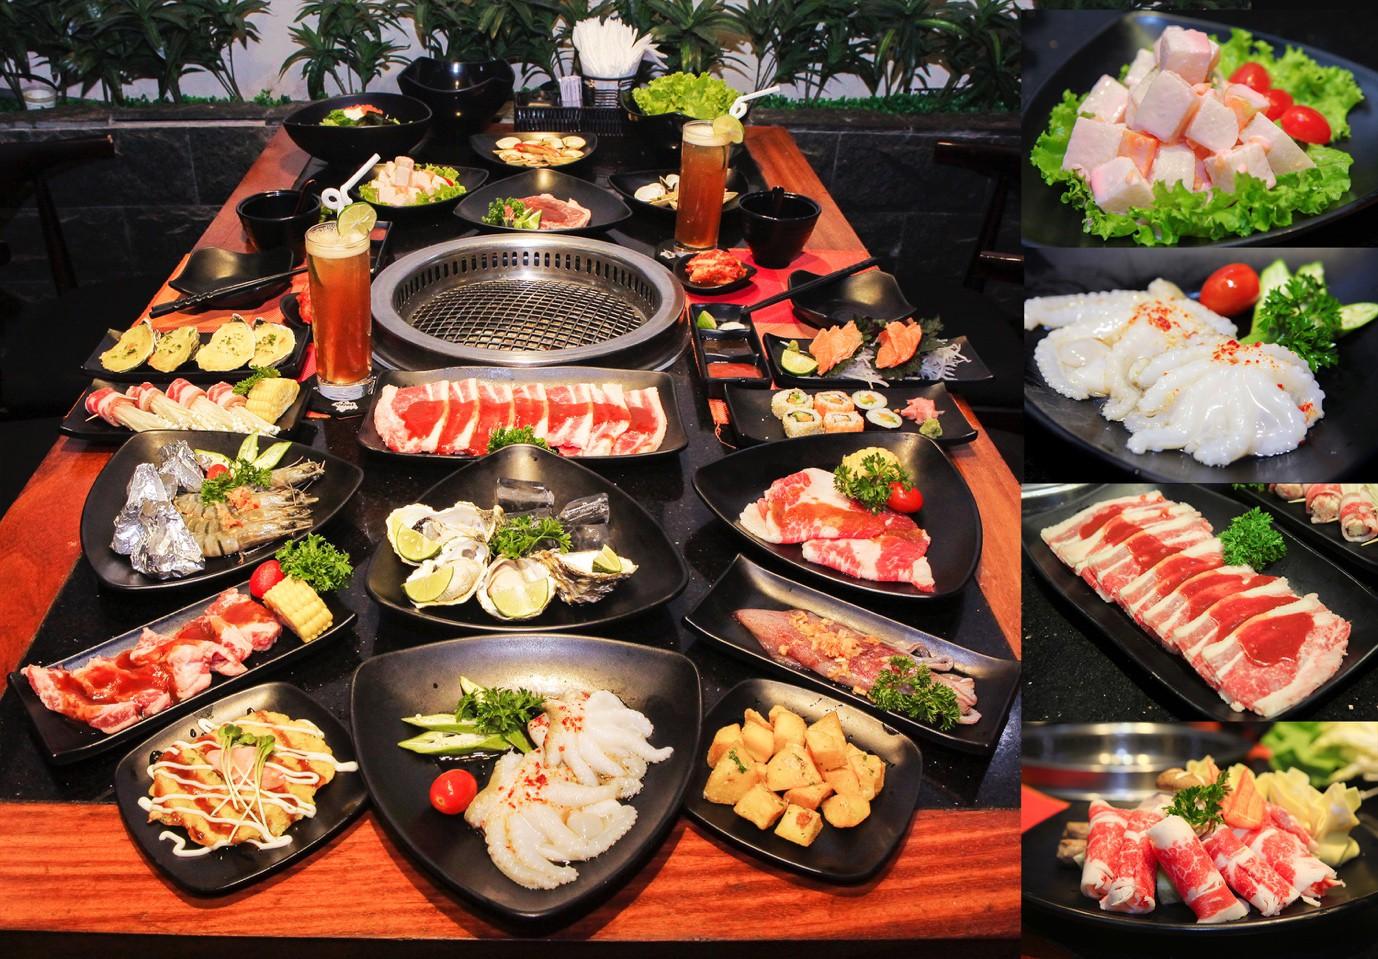 Hot hơn cả mùa hè Hà Nội – buffet lẩu nướng hơn 50 món tại HotnTasty đang giảm 50% người thứ 2 - Ảnh 1.